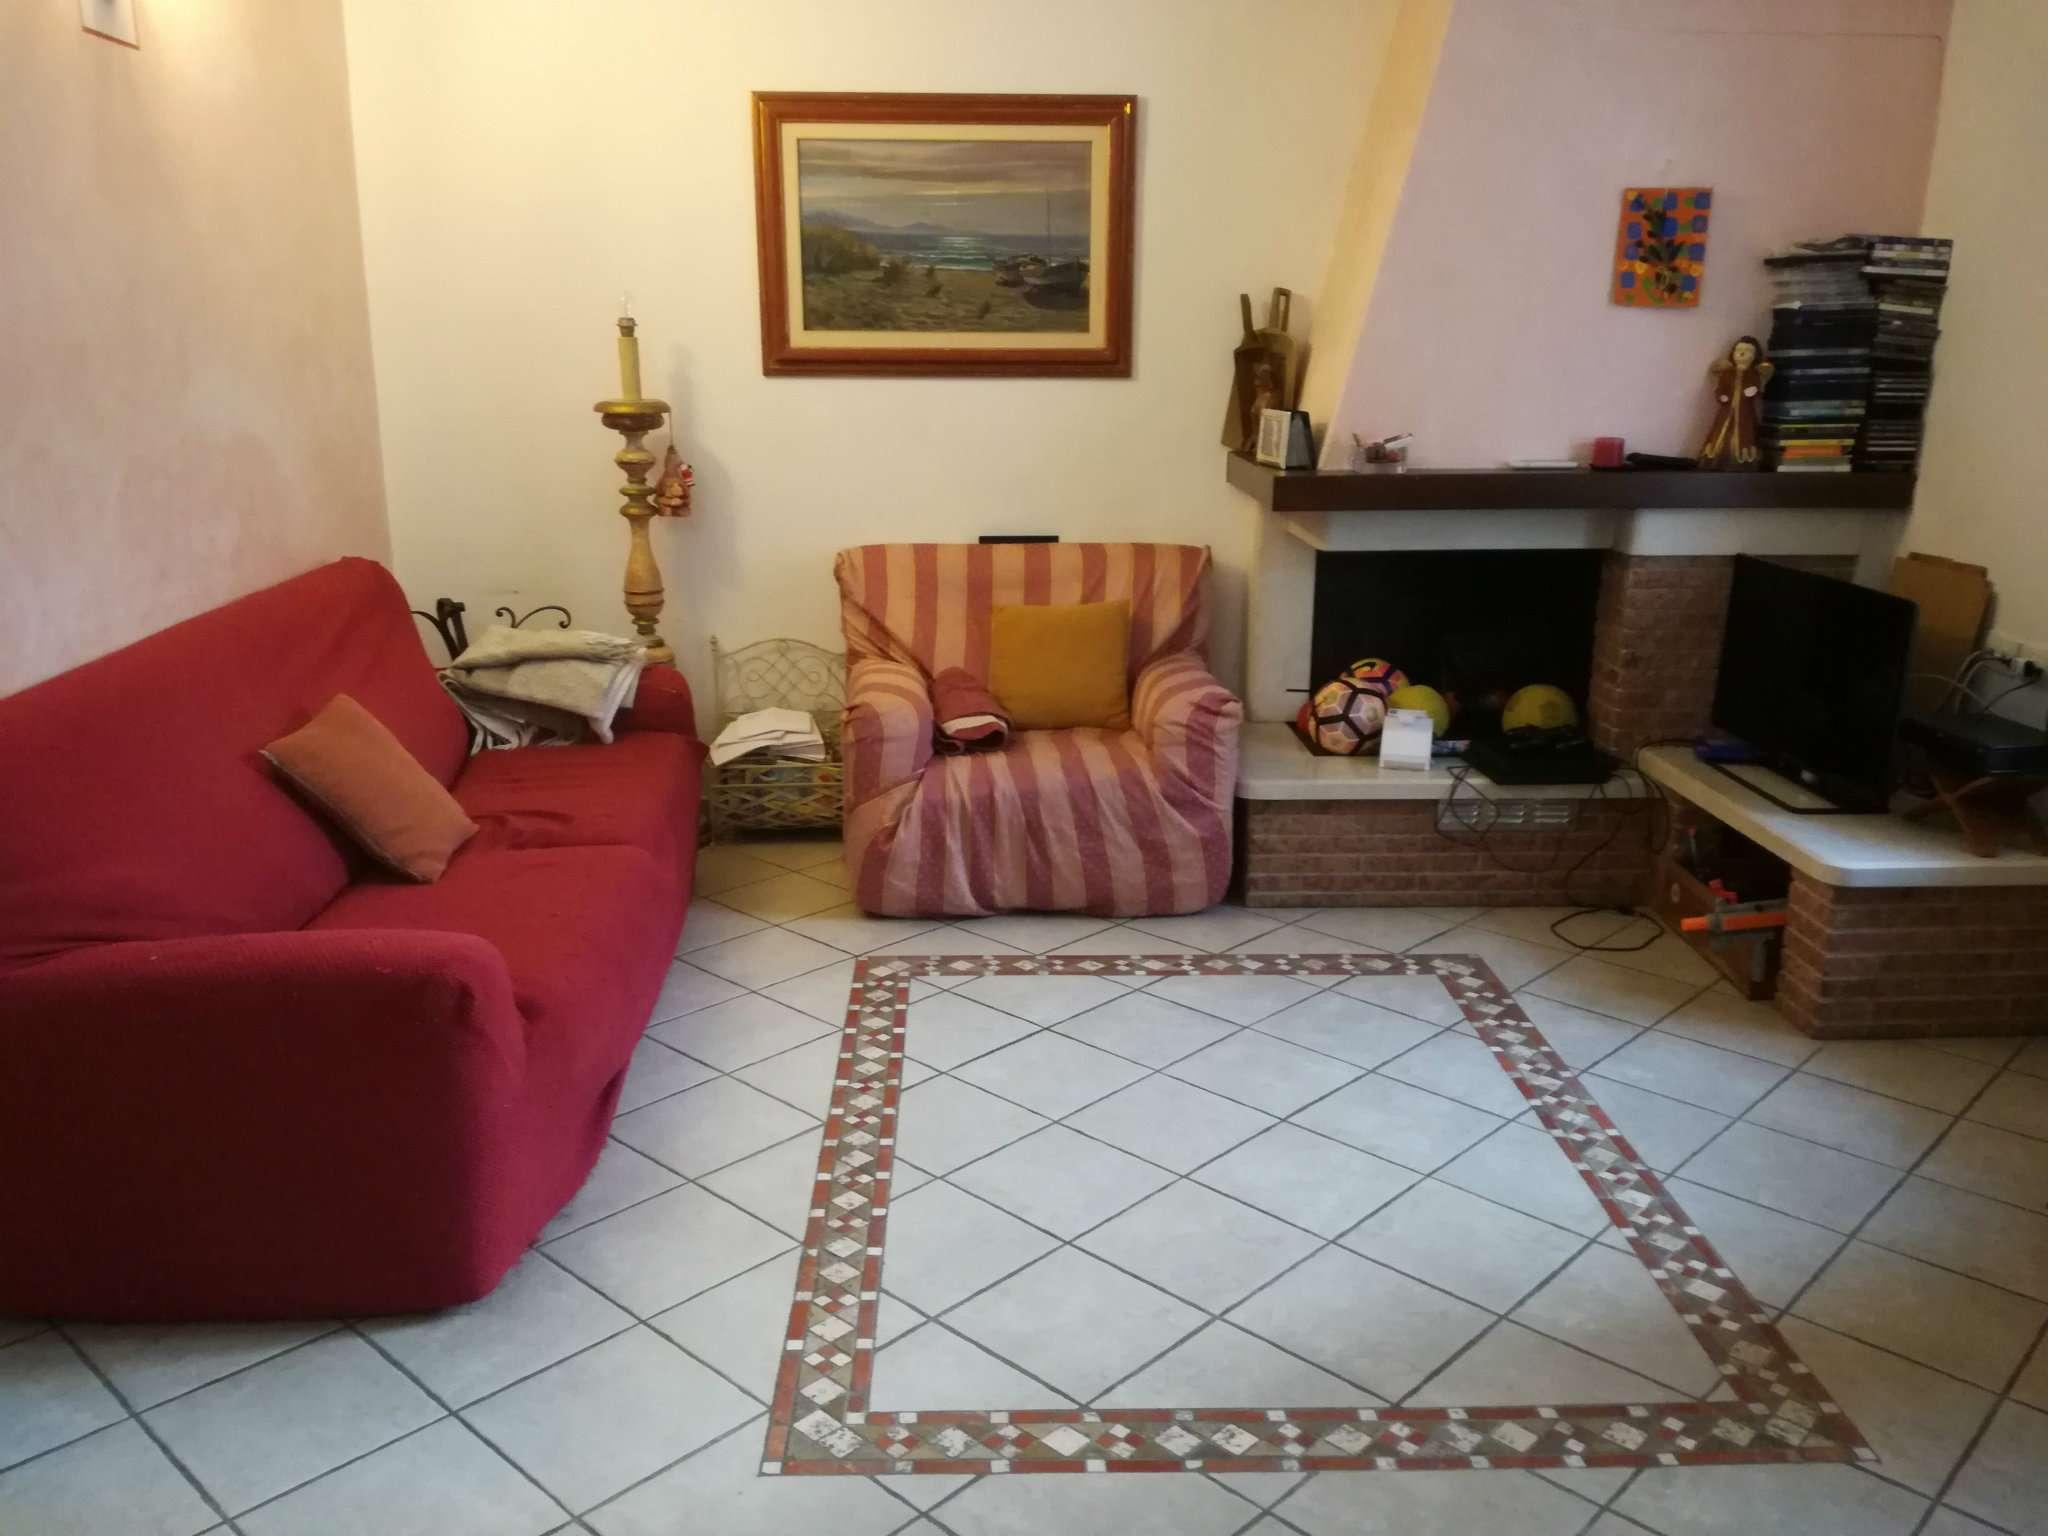 Appartamento in vendita a Livorno, 3 locali, prezzo € 200.000 | Cambio Casa.it